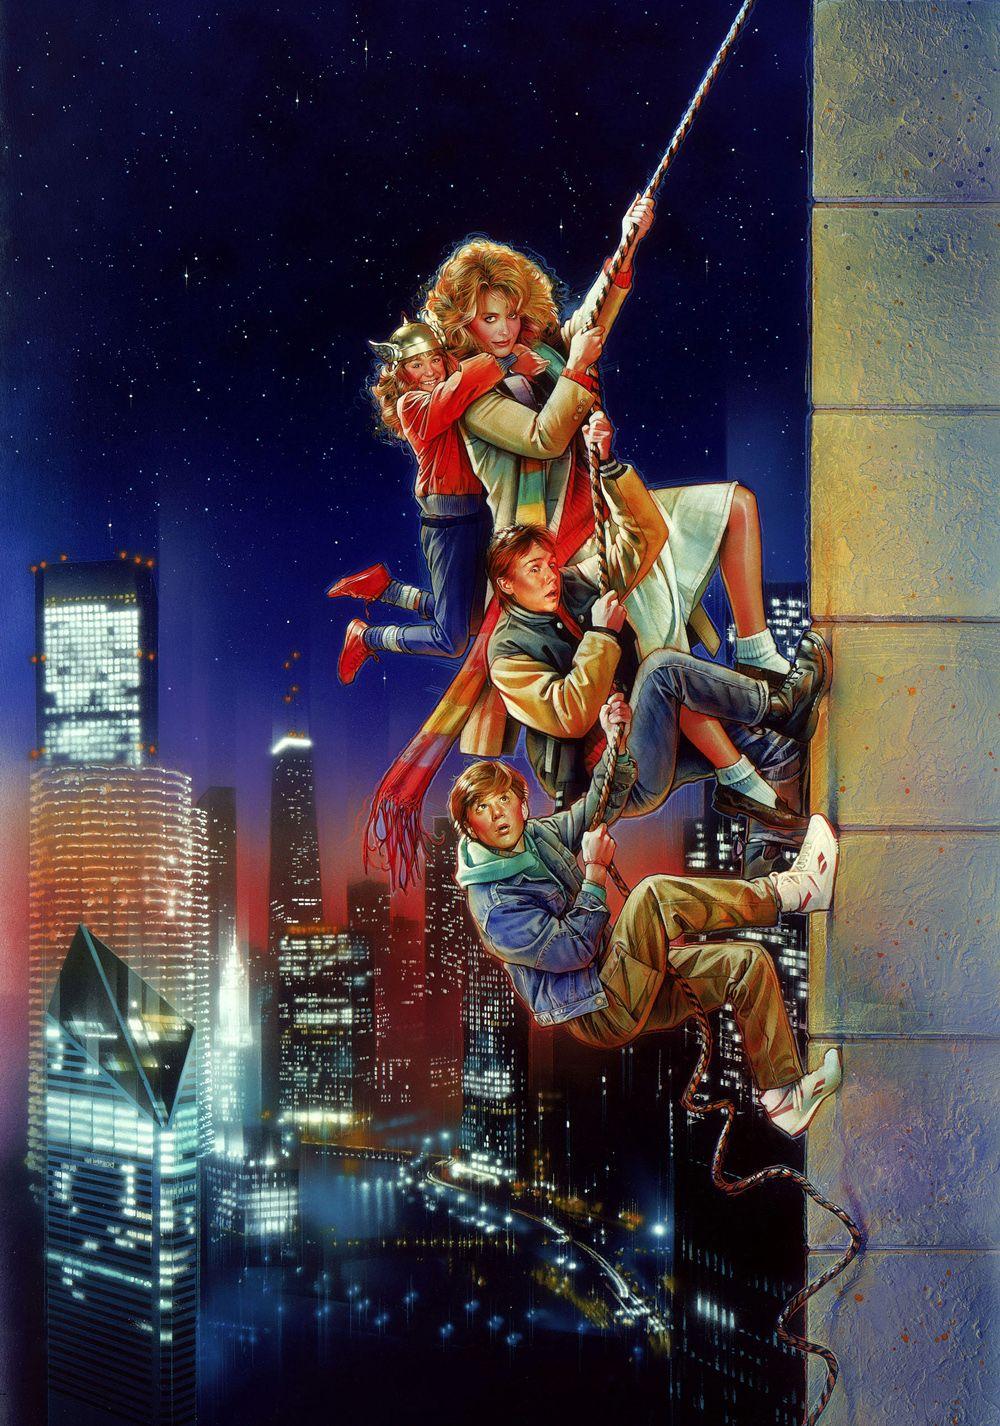 comedy adventure movies on amazon prime